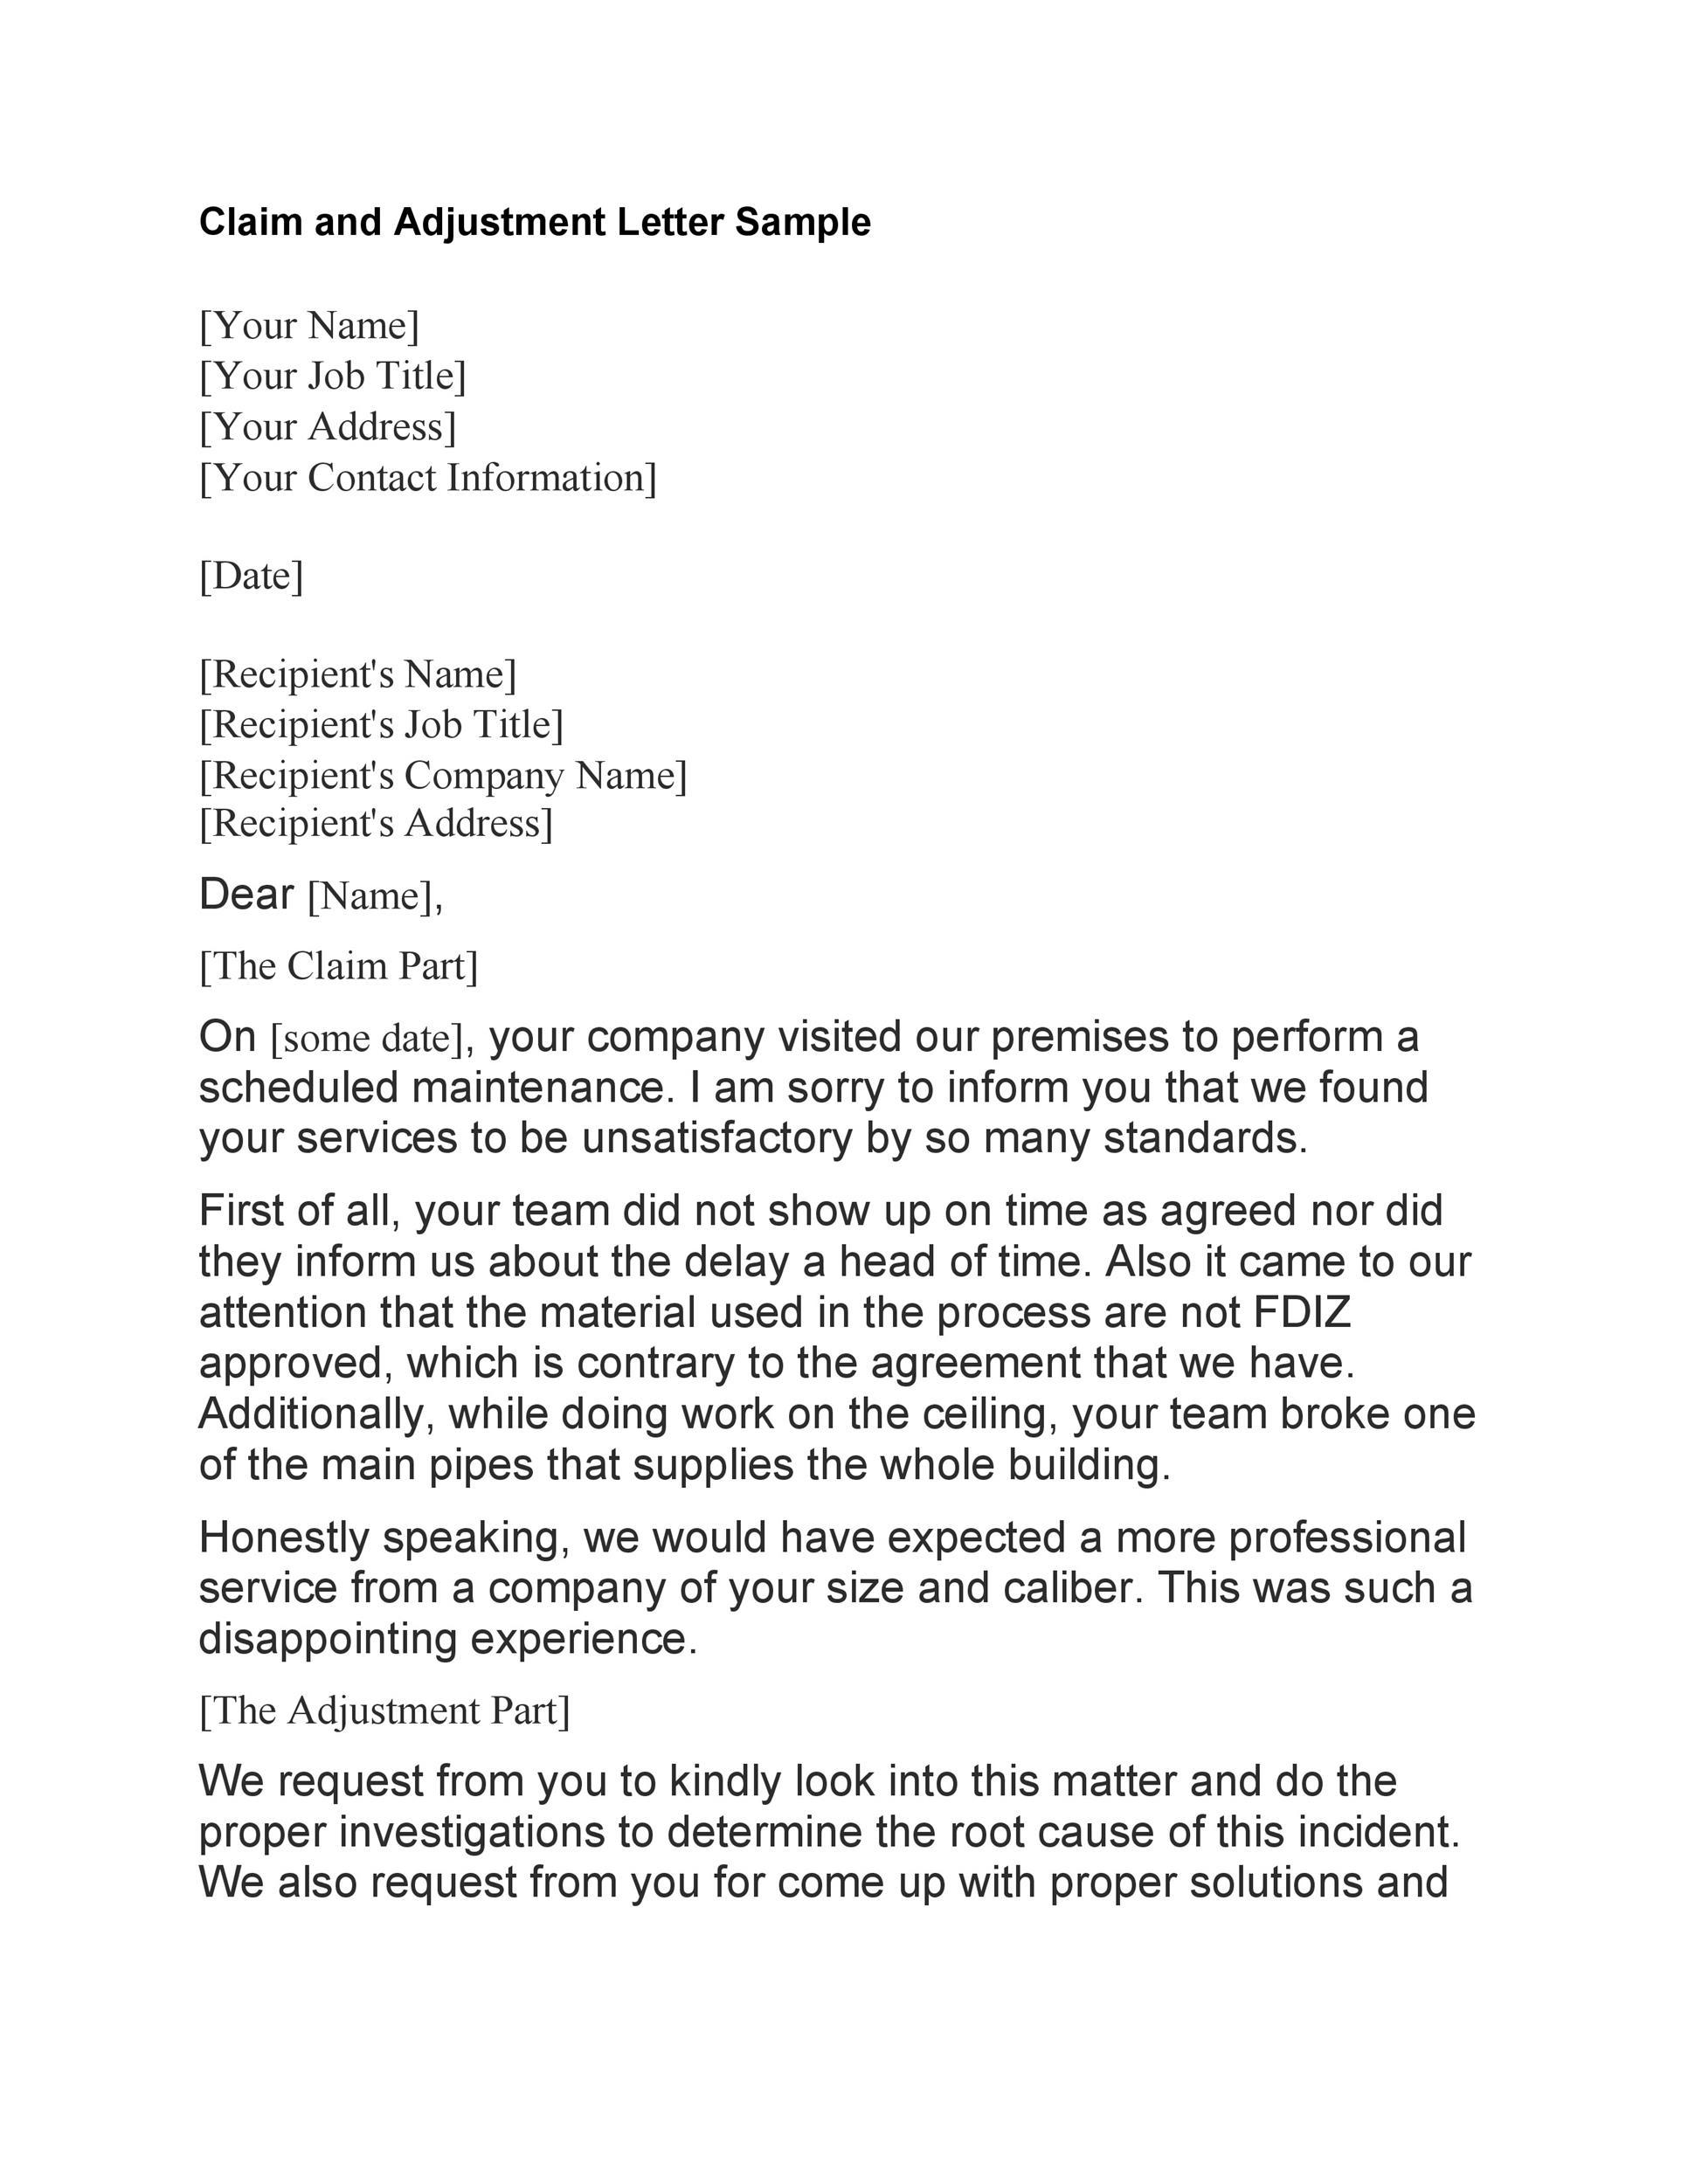 Free adjustment letter 07